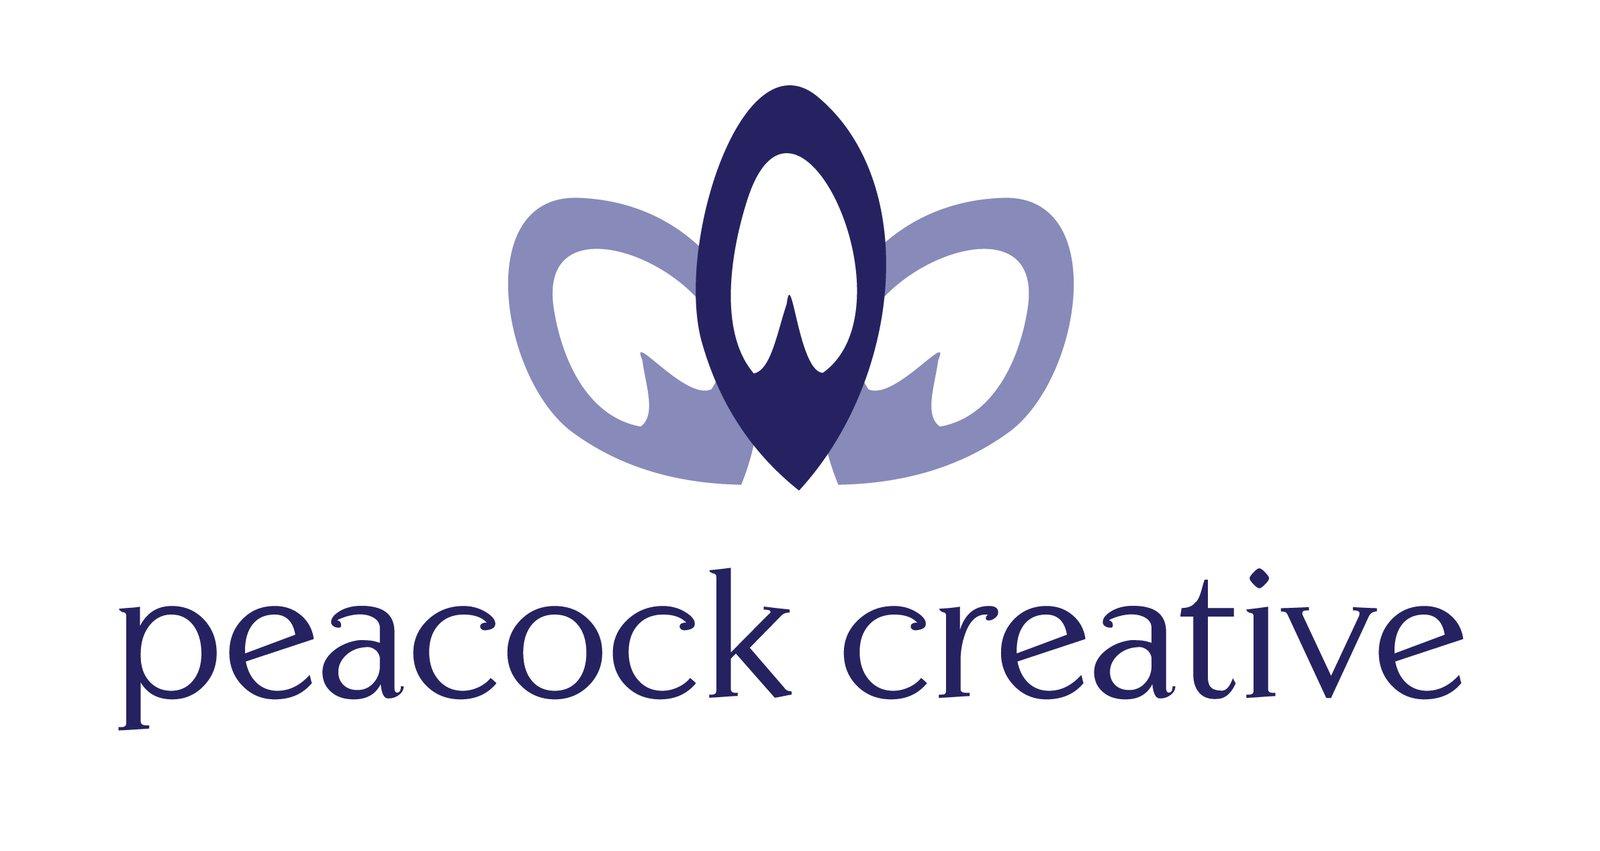 Peacock Creative Services